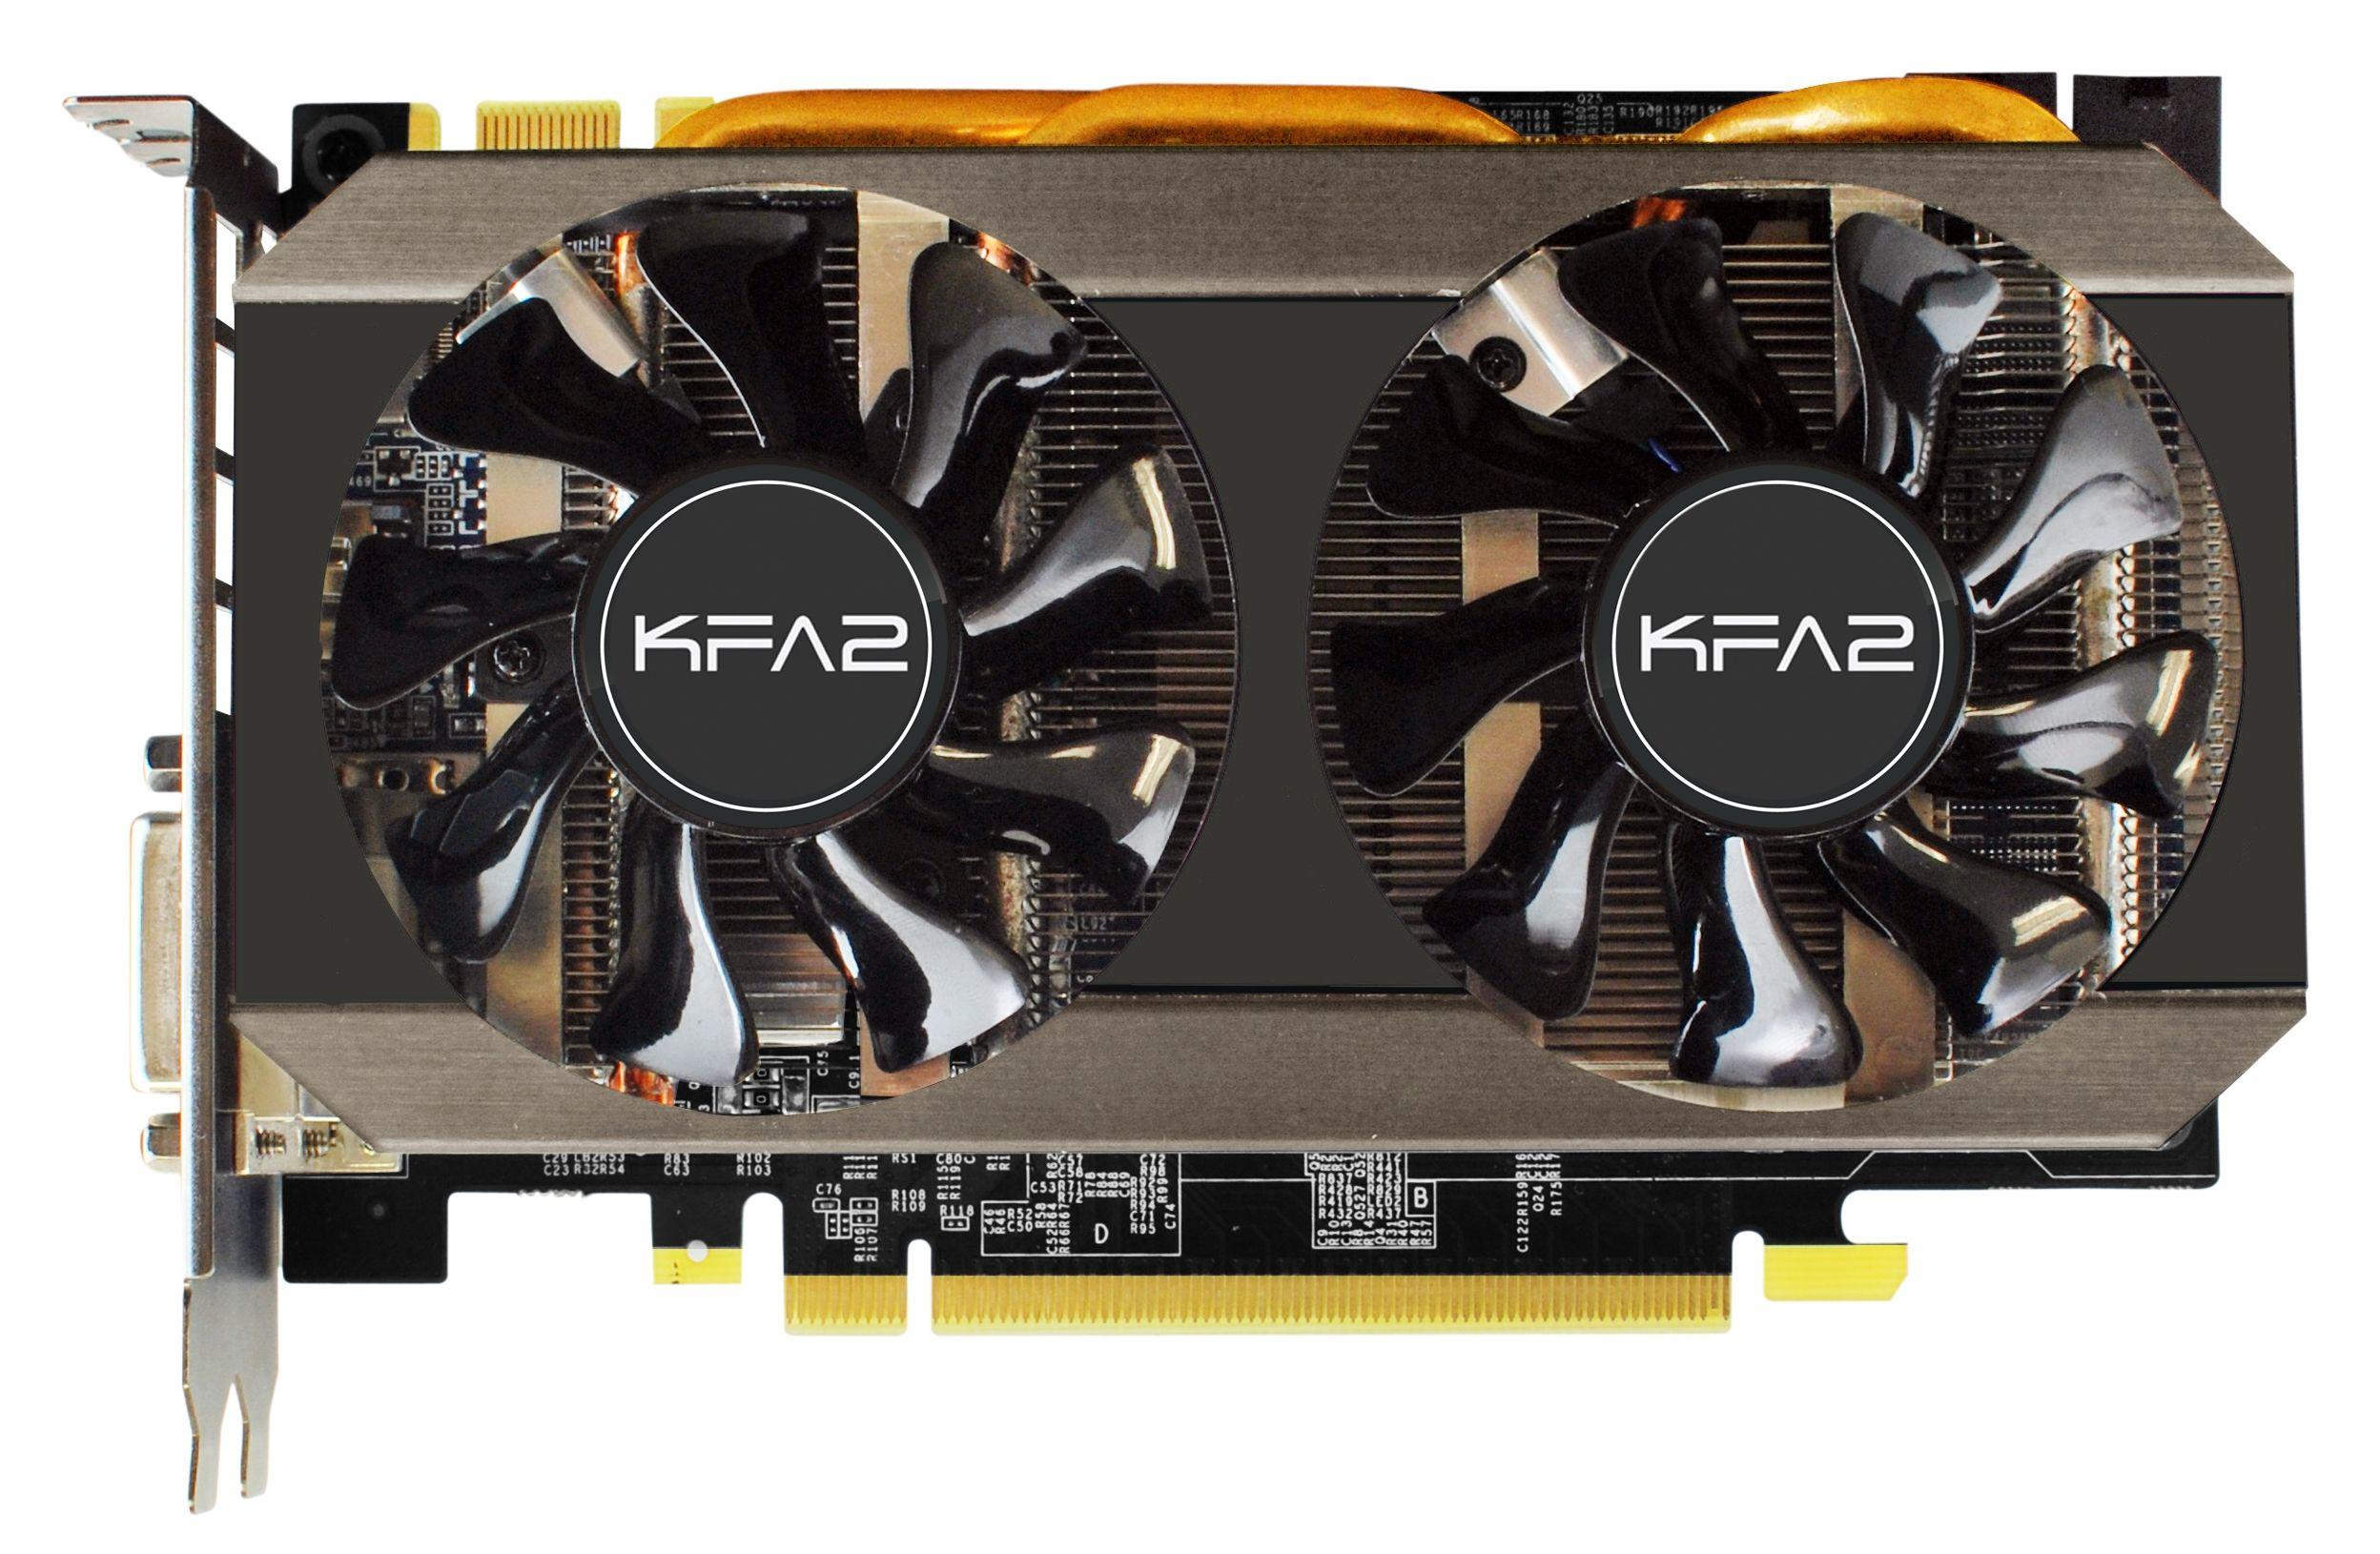 kfa2-geforce-gtx-9600-oc-5.jpg